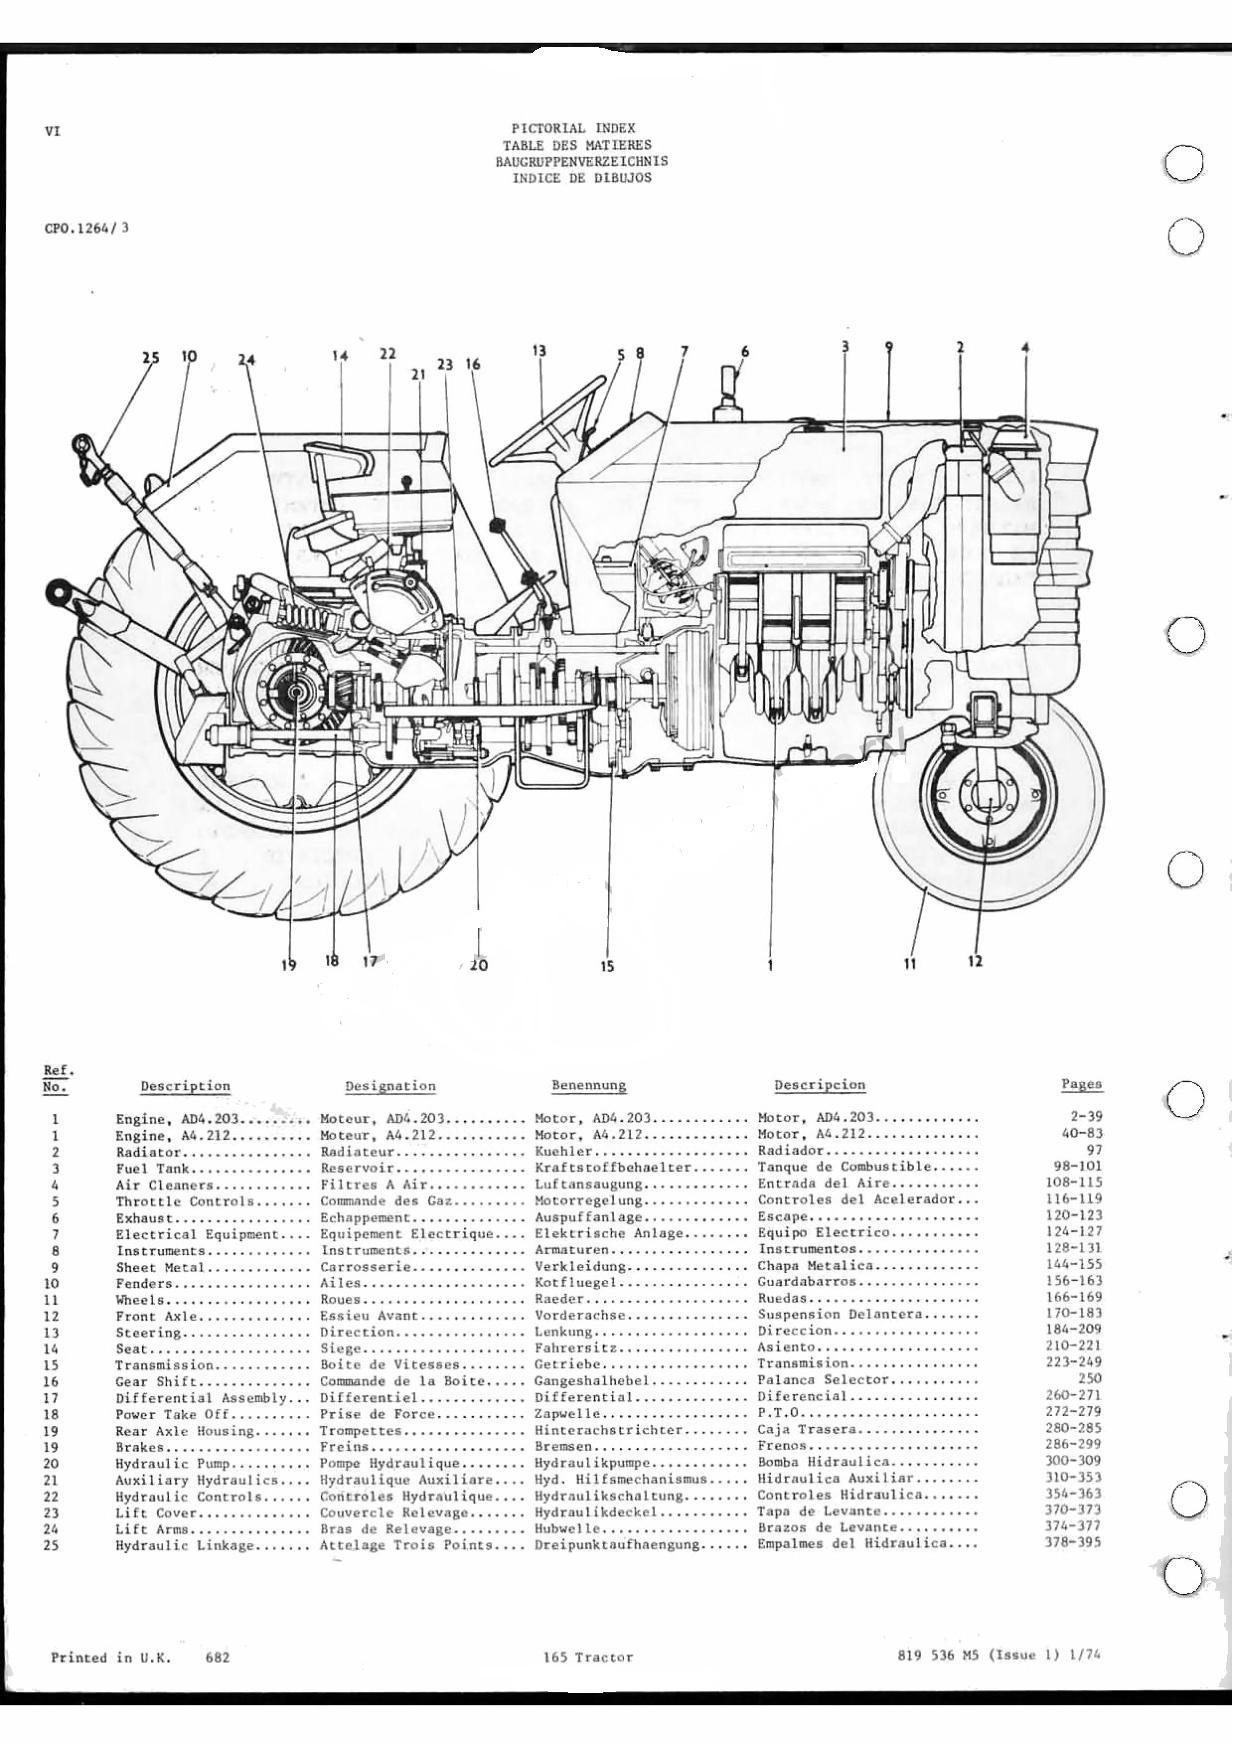 Mf 203 Manual 96 Crownline Wiring Diagram Massey Ferguson Manuals 6301147729088 Amazon Com Books Array 165 Reservdelskatalog Varaosaluett Rh Sellfy